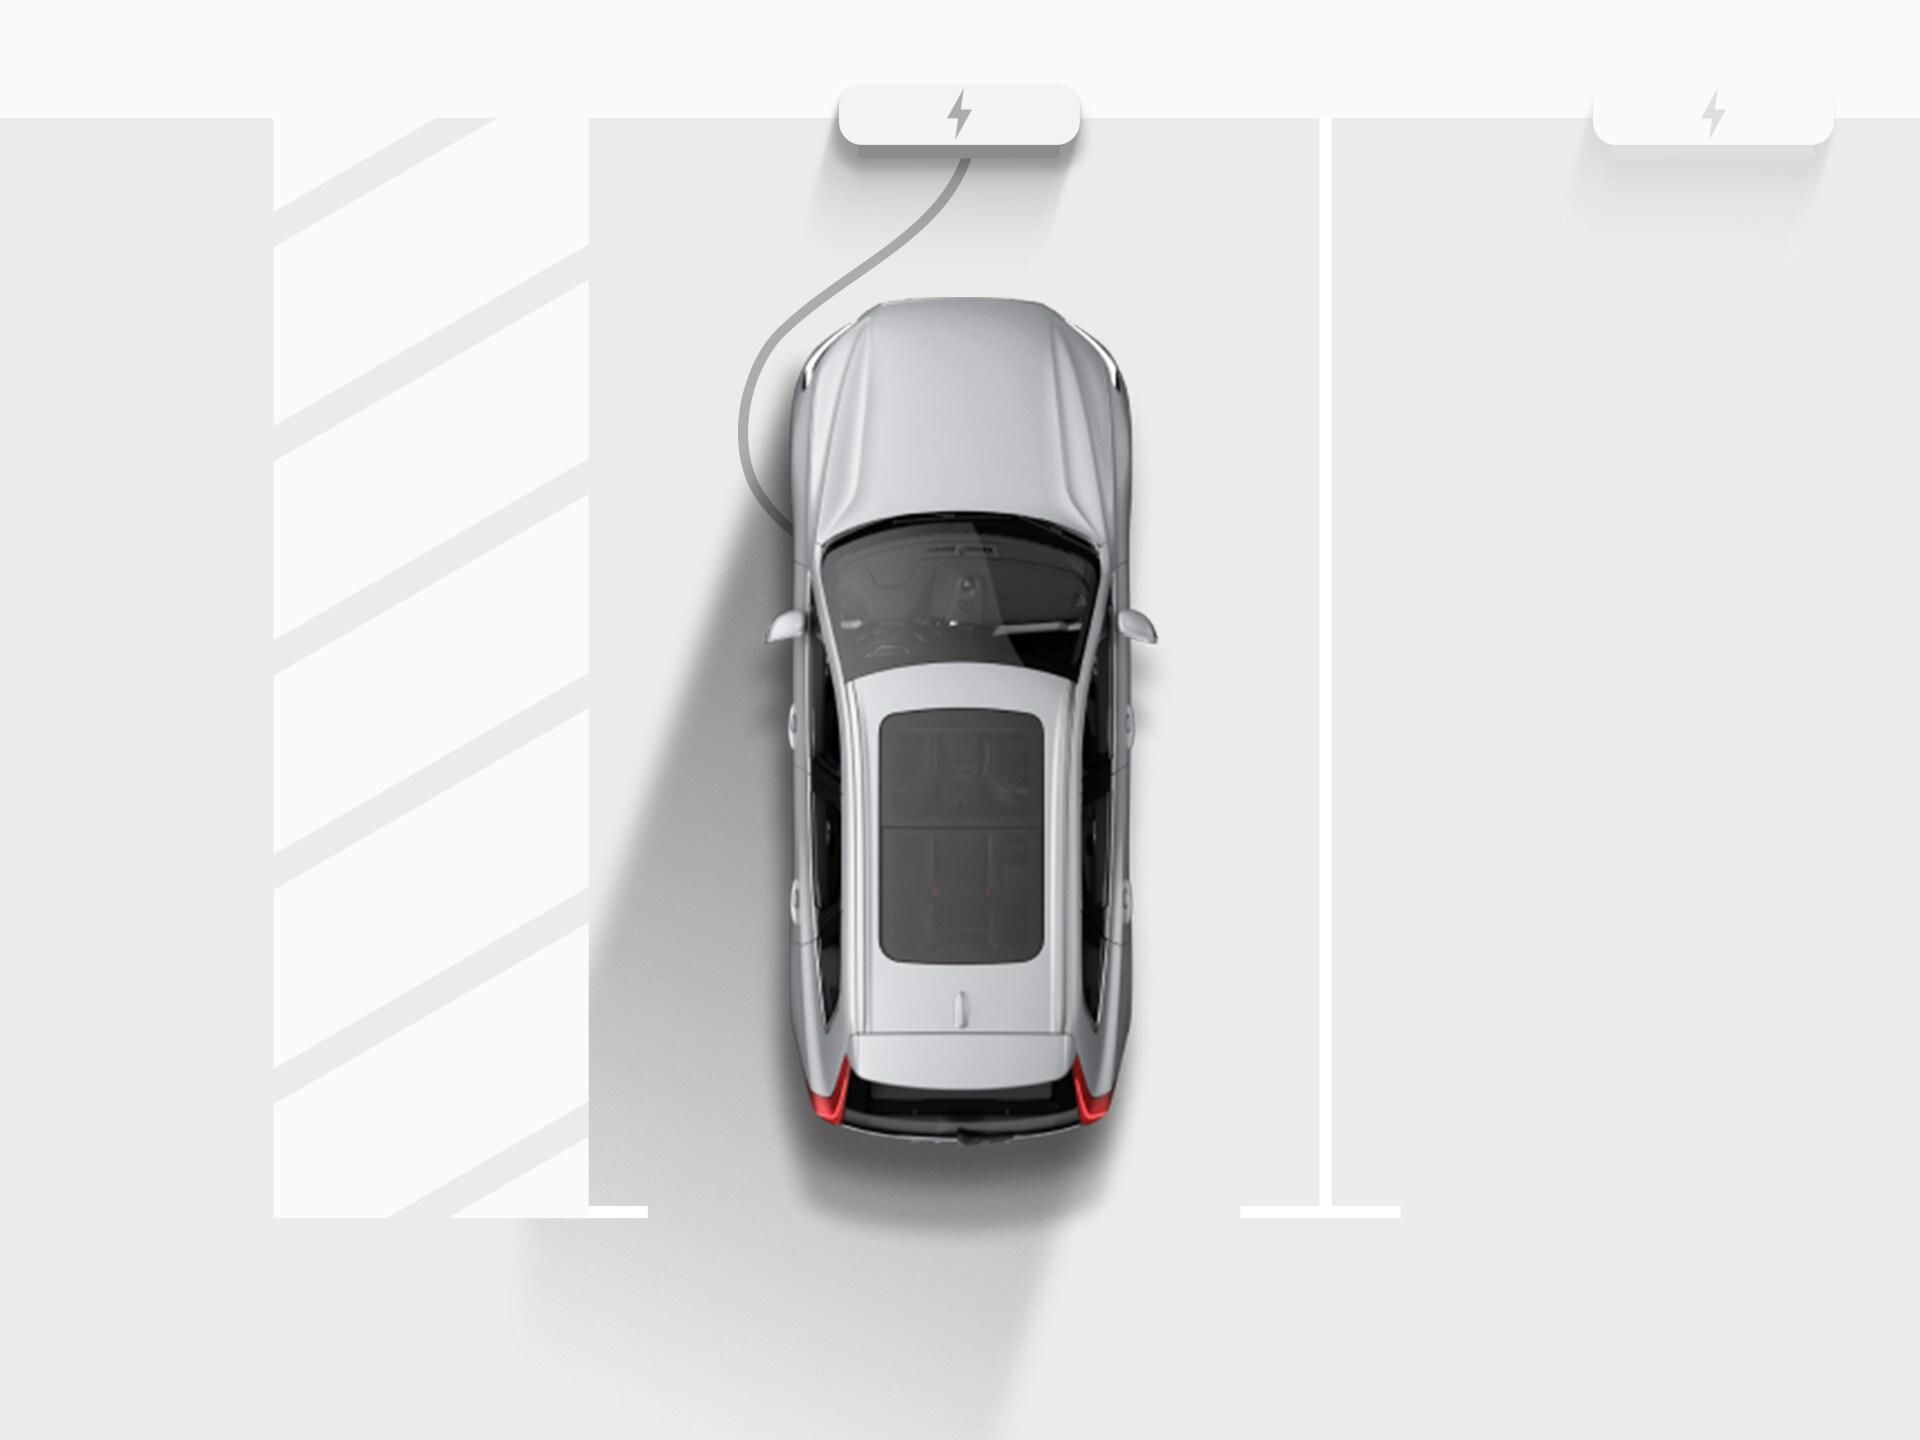 Digitale Zeichnung mit der Draufsicht eines silberfarbenen rein elektrischen Volvo XC40 Recharge SUV, das in einer Garage an die Ladestation angeschlossen ist.